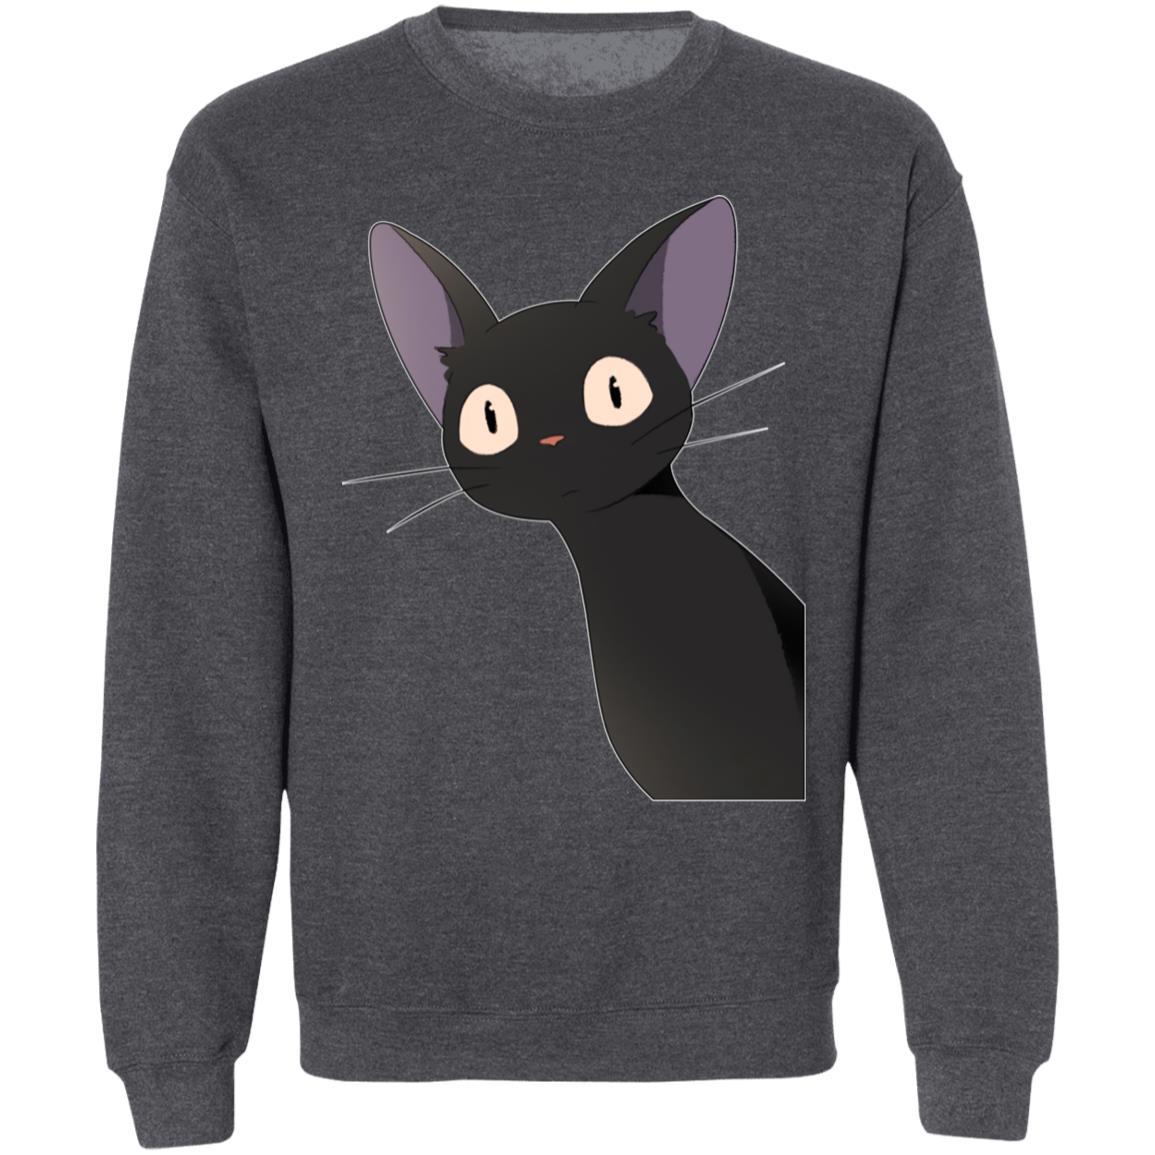 Kiki's Delivery Service  – Jiji Style 1 Sweatshirt